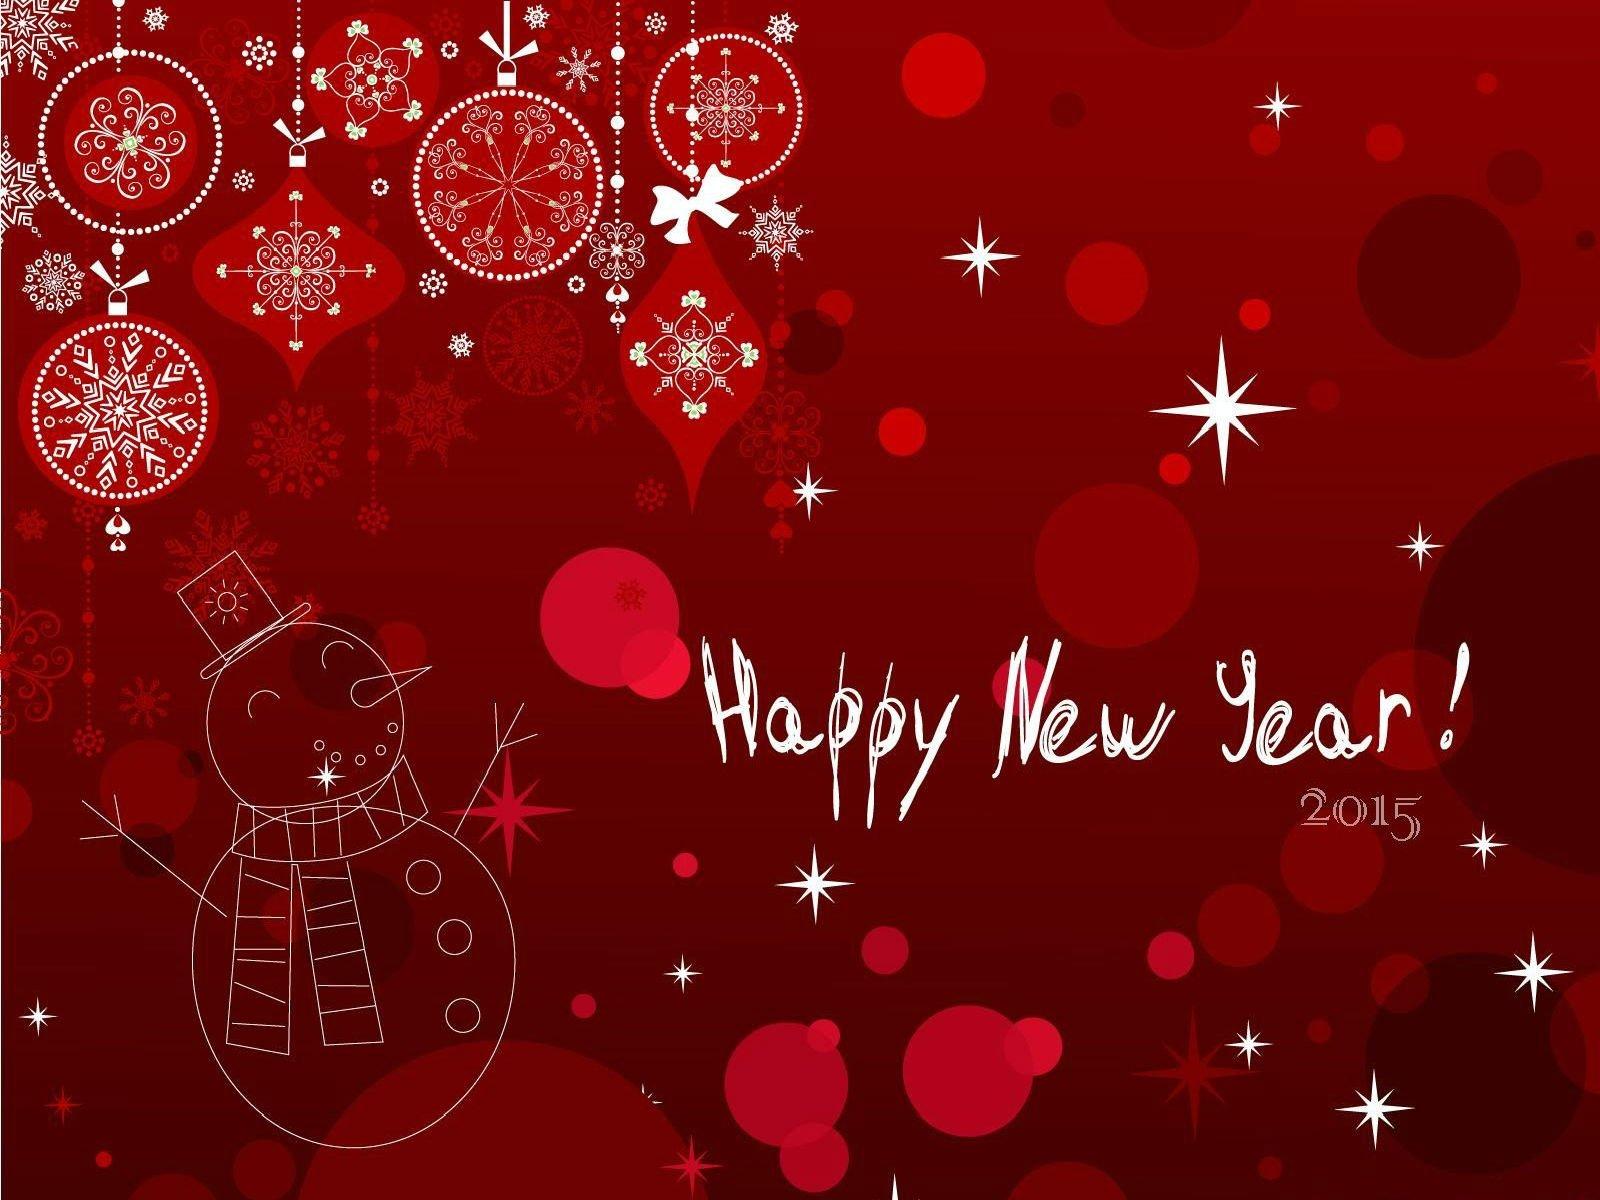 С новом годом 2015 открытки